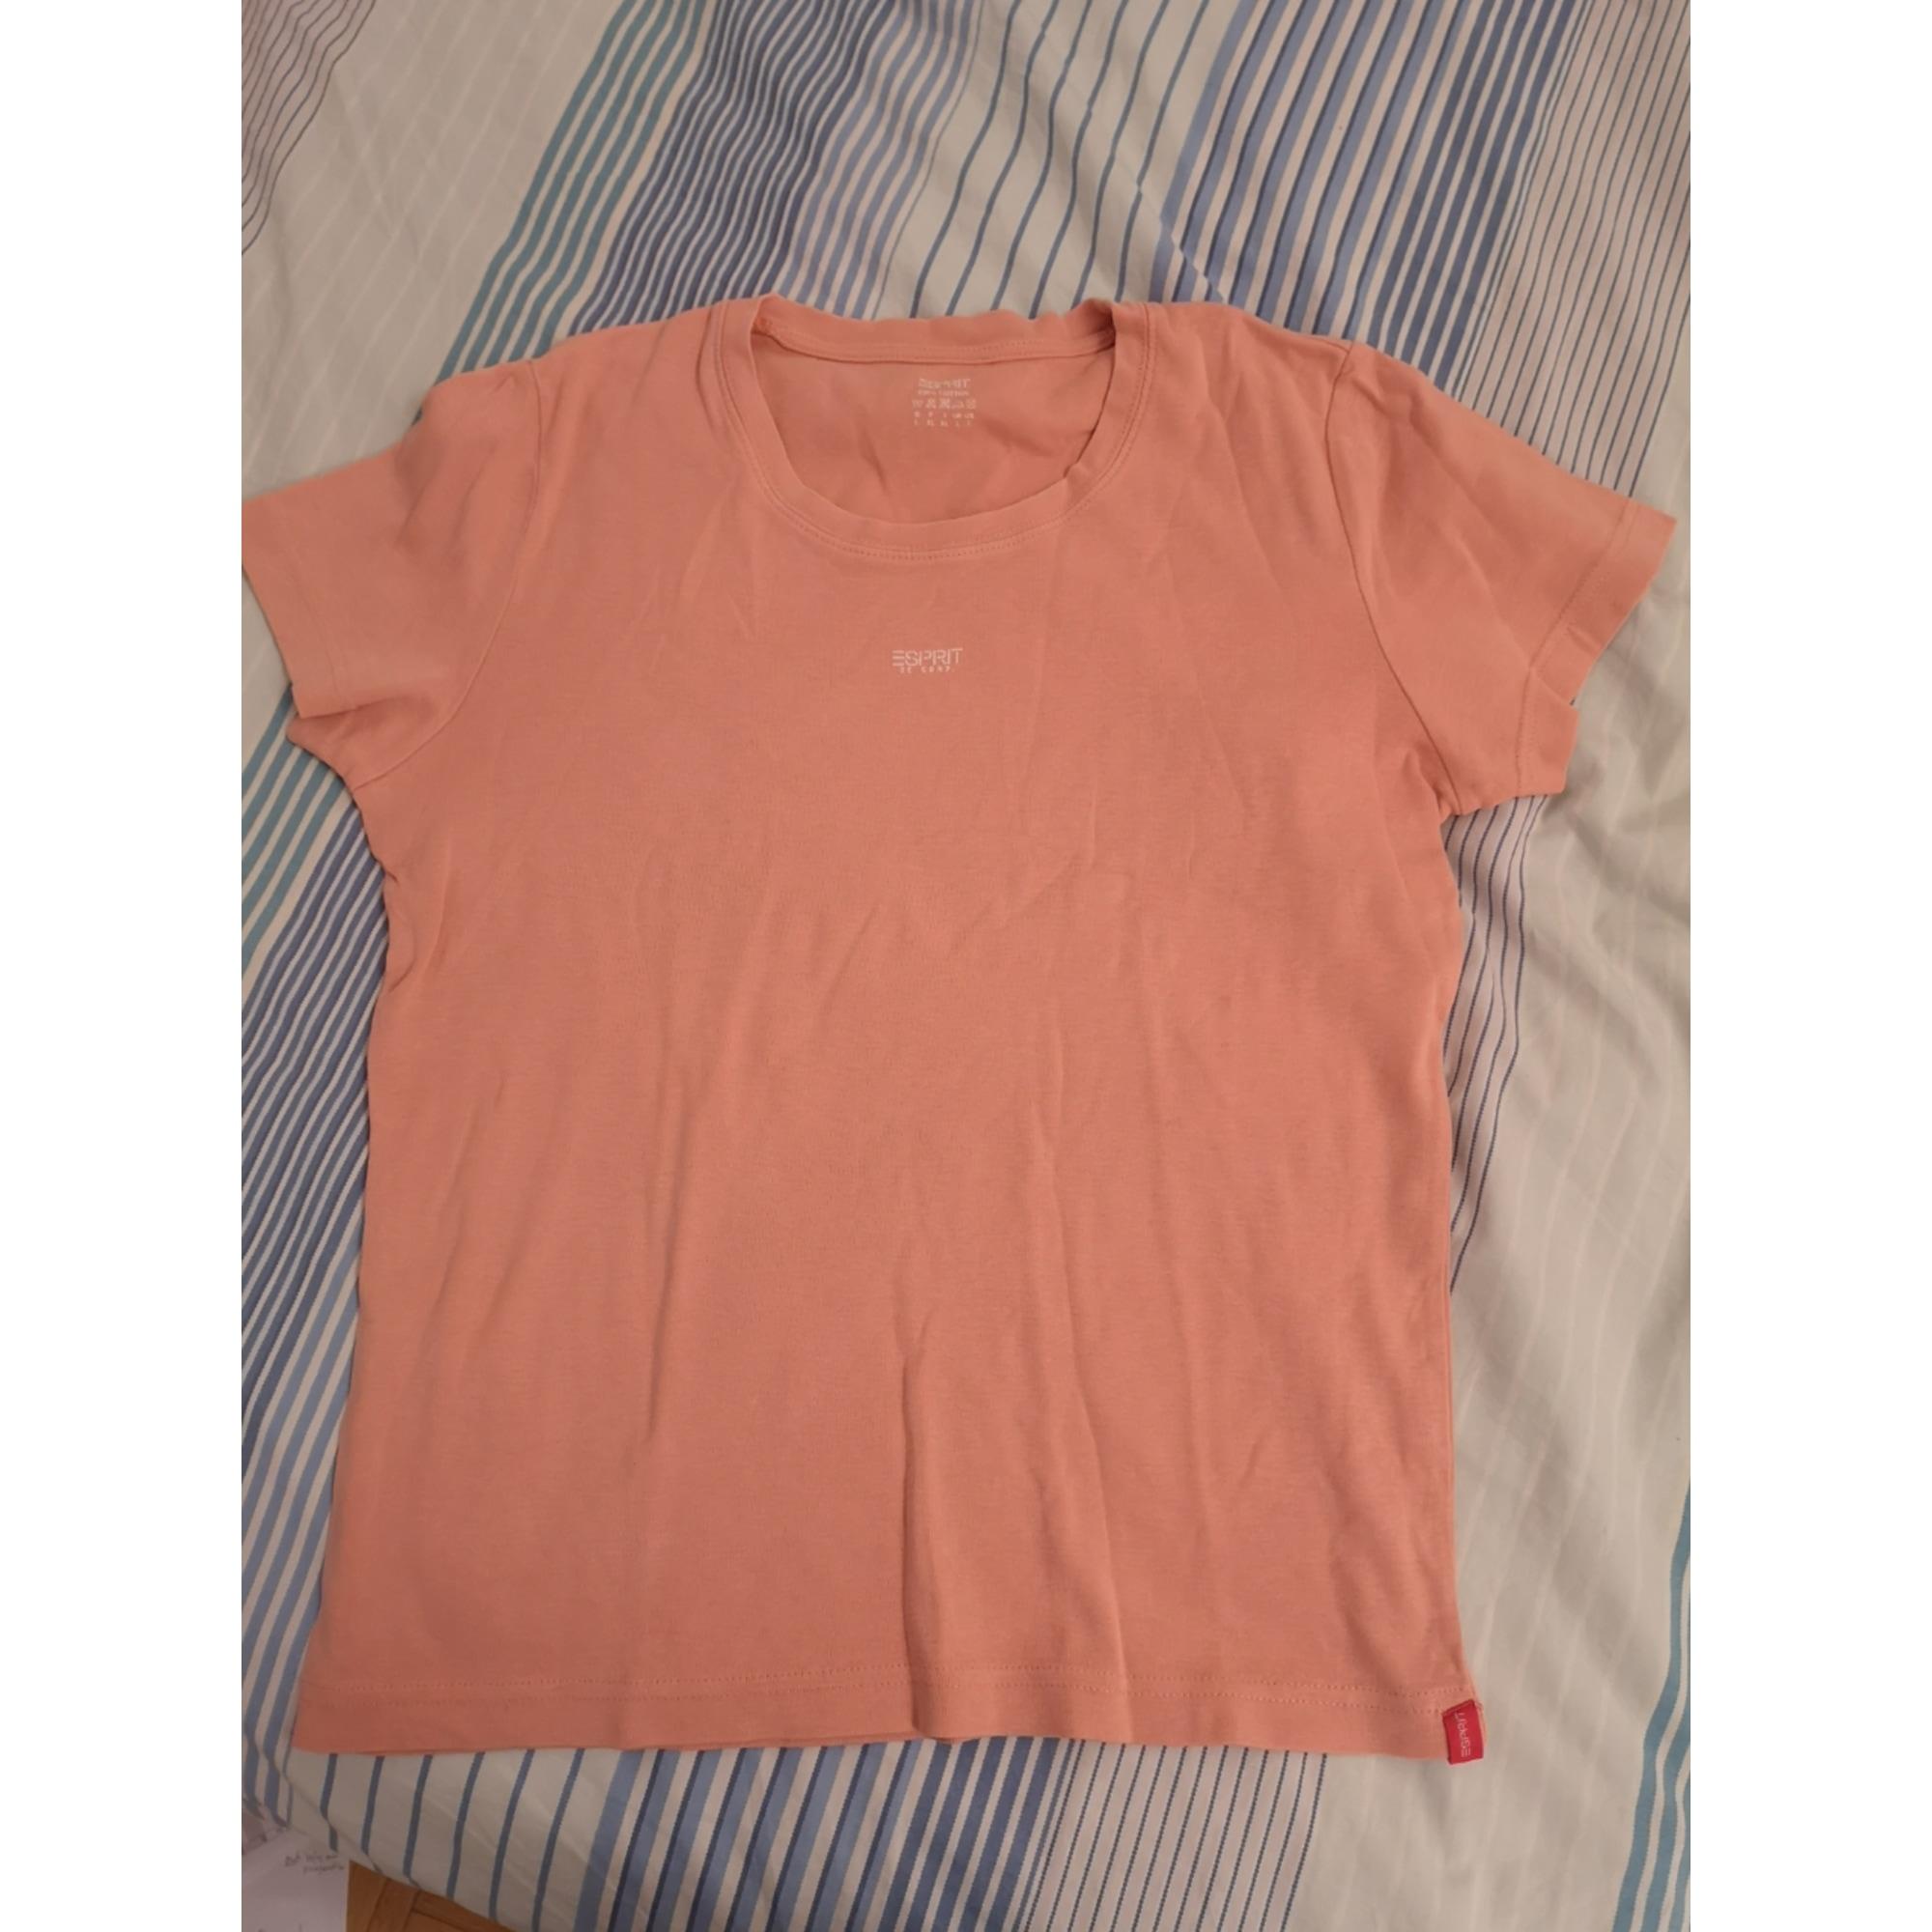 Top, tee-shirt ESPRIT Rose, fuschia, vieux rose